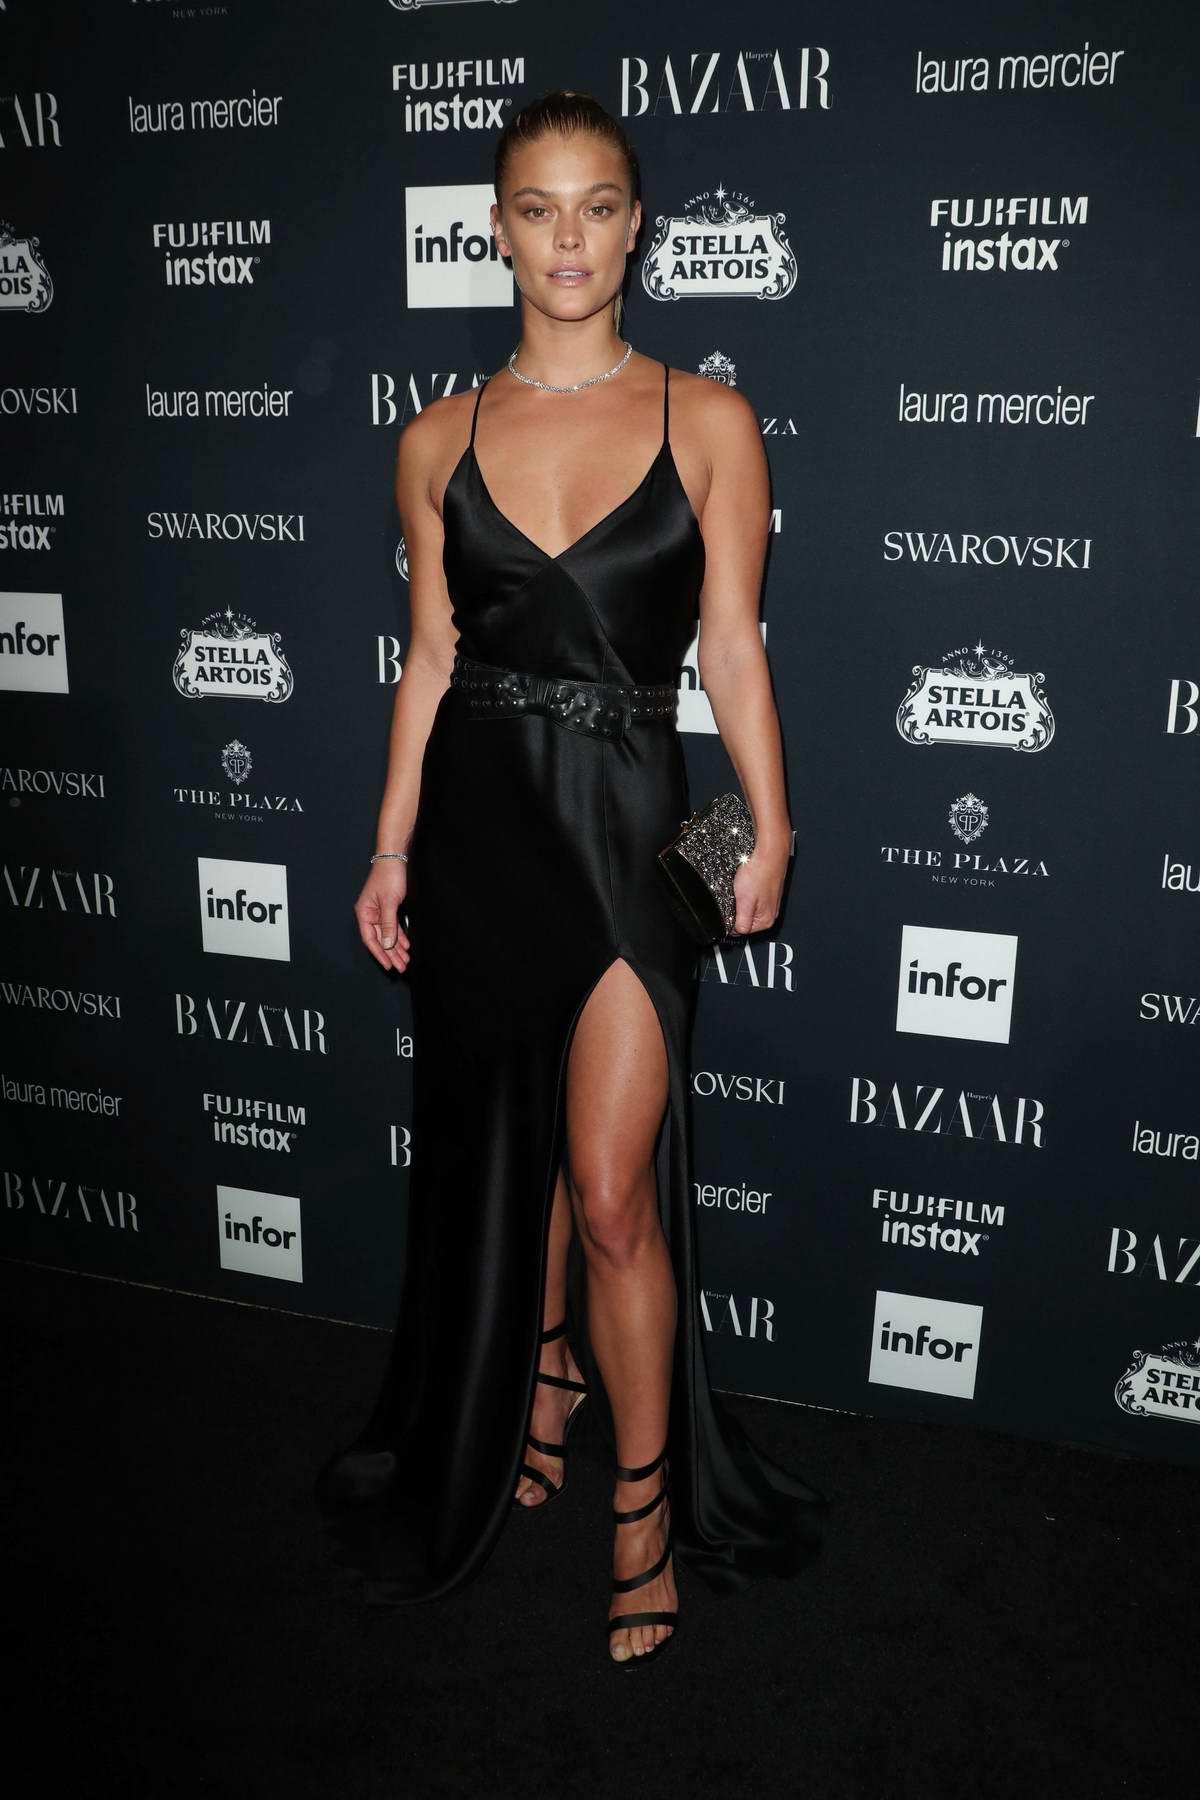 Nina Agdal at the Harper's Bazaar ICONS party at New York Fashion Week